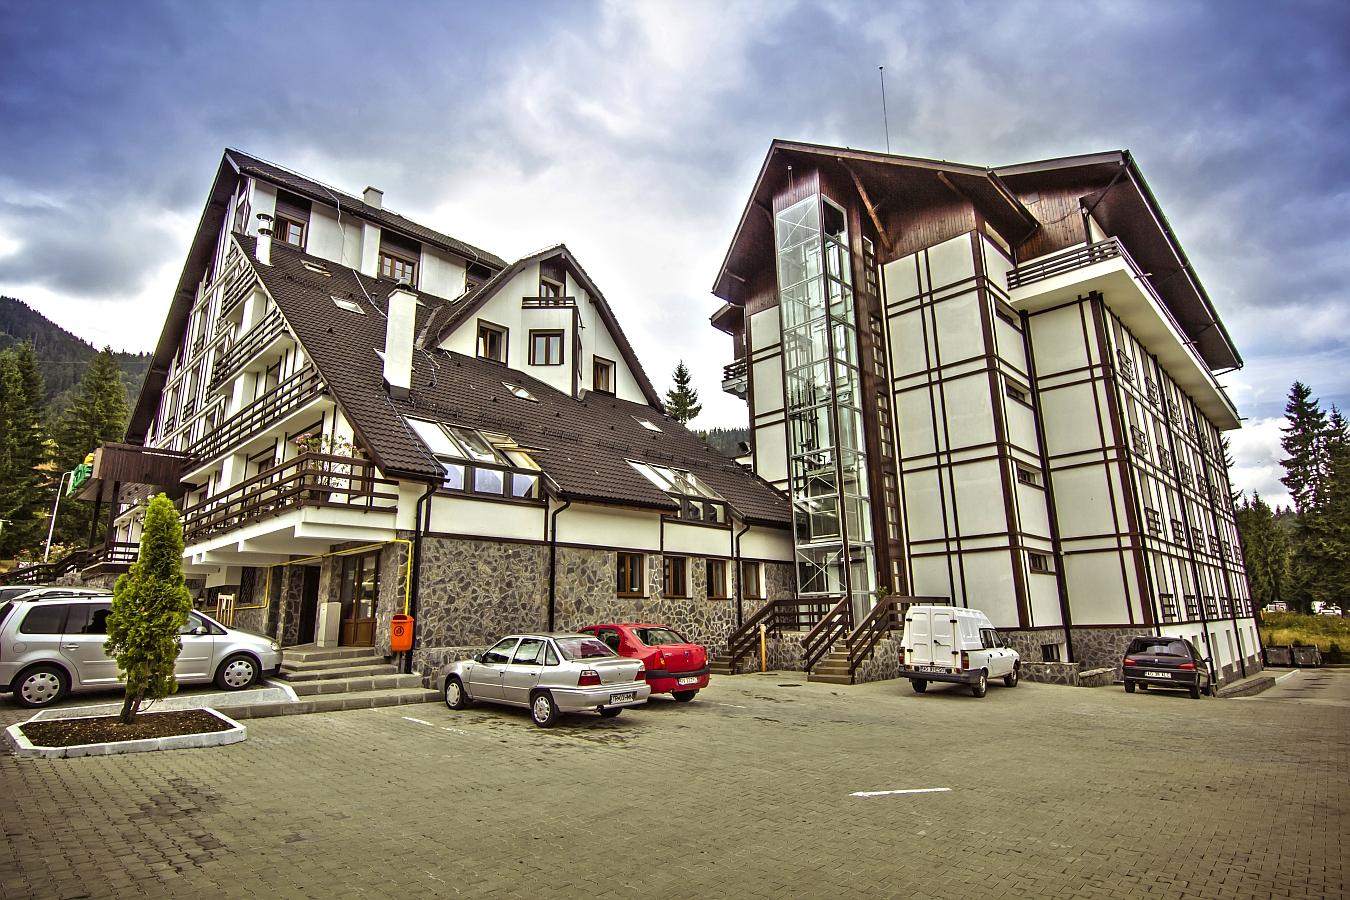 Hotel Escalade Poiana Brasov 5